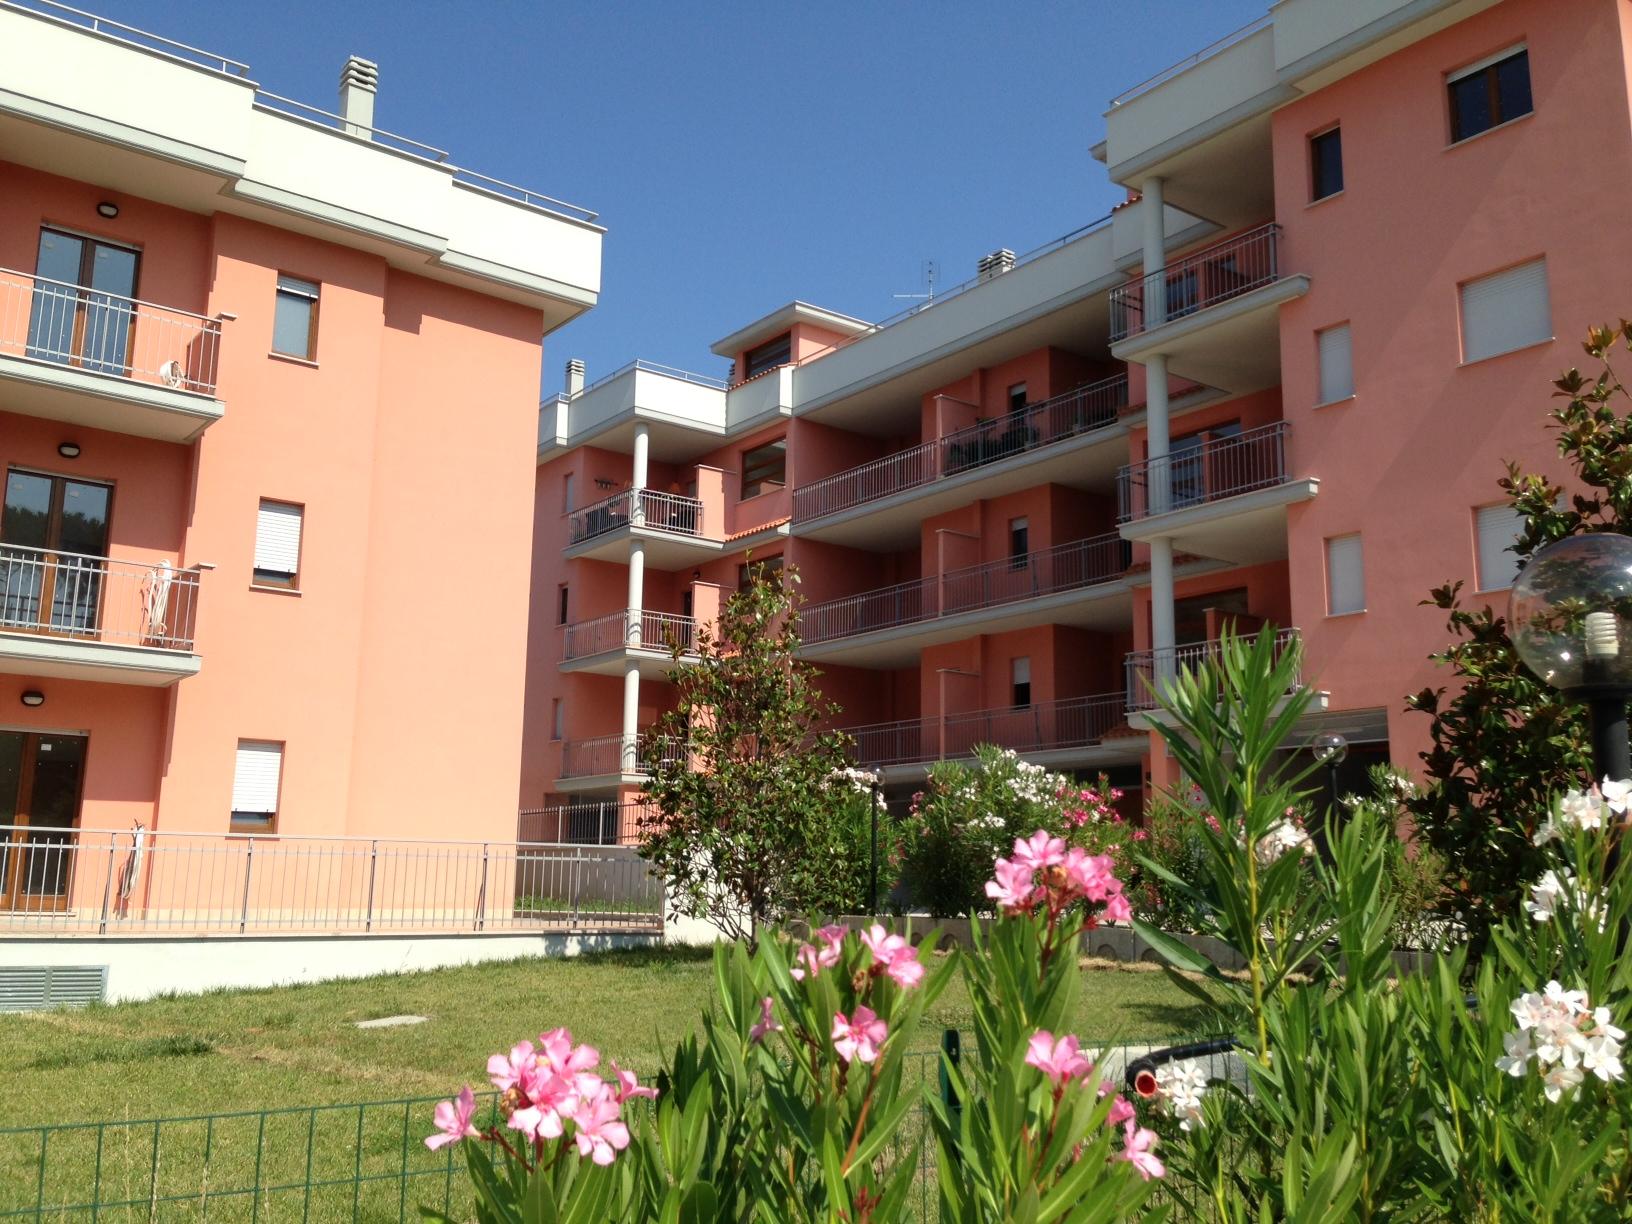 Appartamento in affitto a Fonte Nuova, 4 locali, zona Località: TorLupara, prezzo € 700   Cambio Casa.it